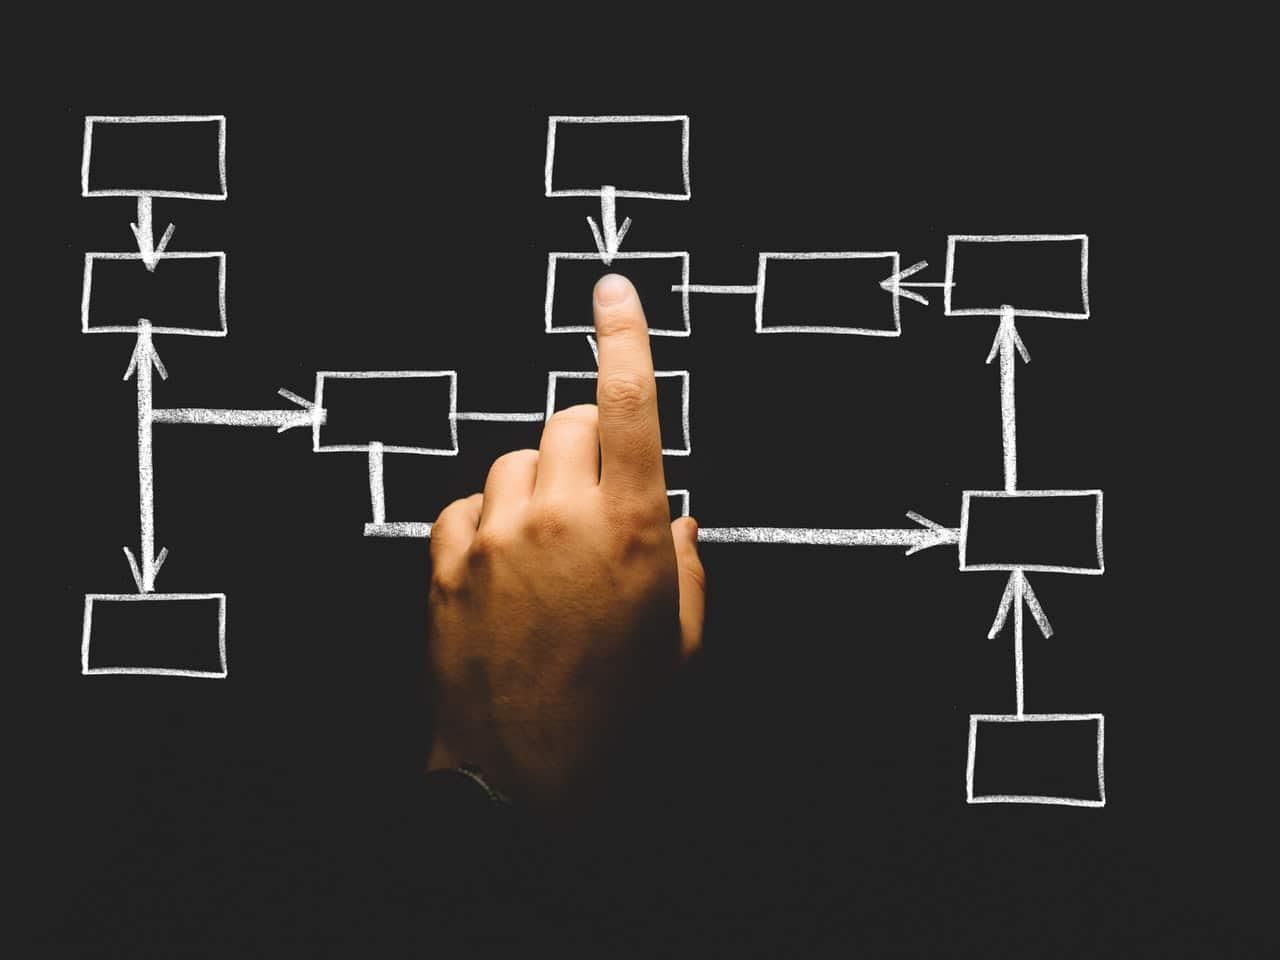 Praktische Tips Voor Een Succesvolle Overlegstructuur